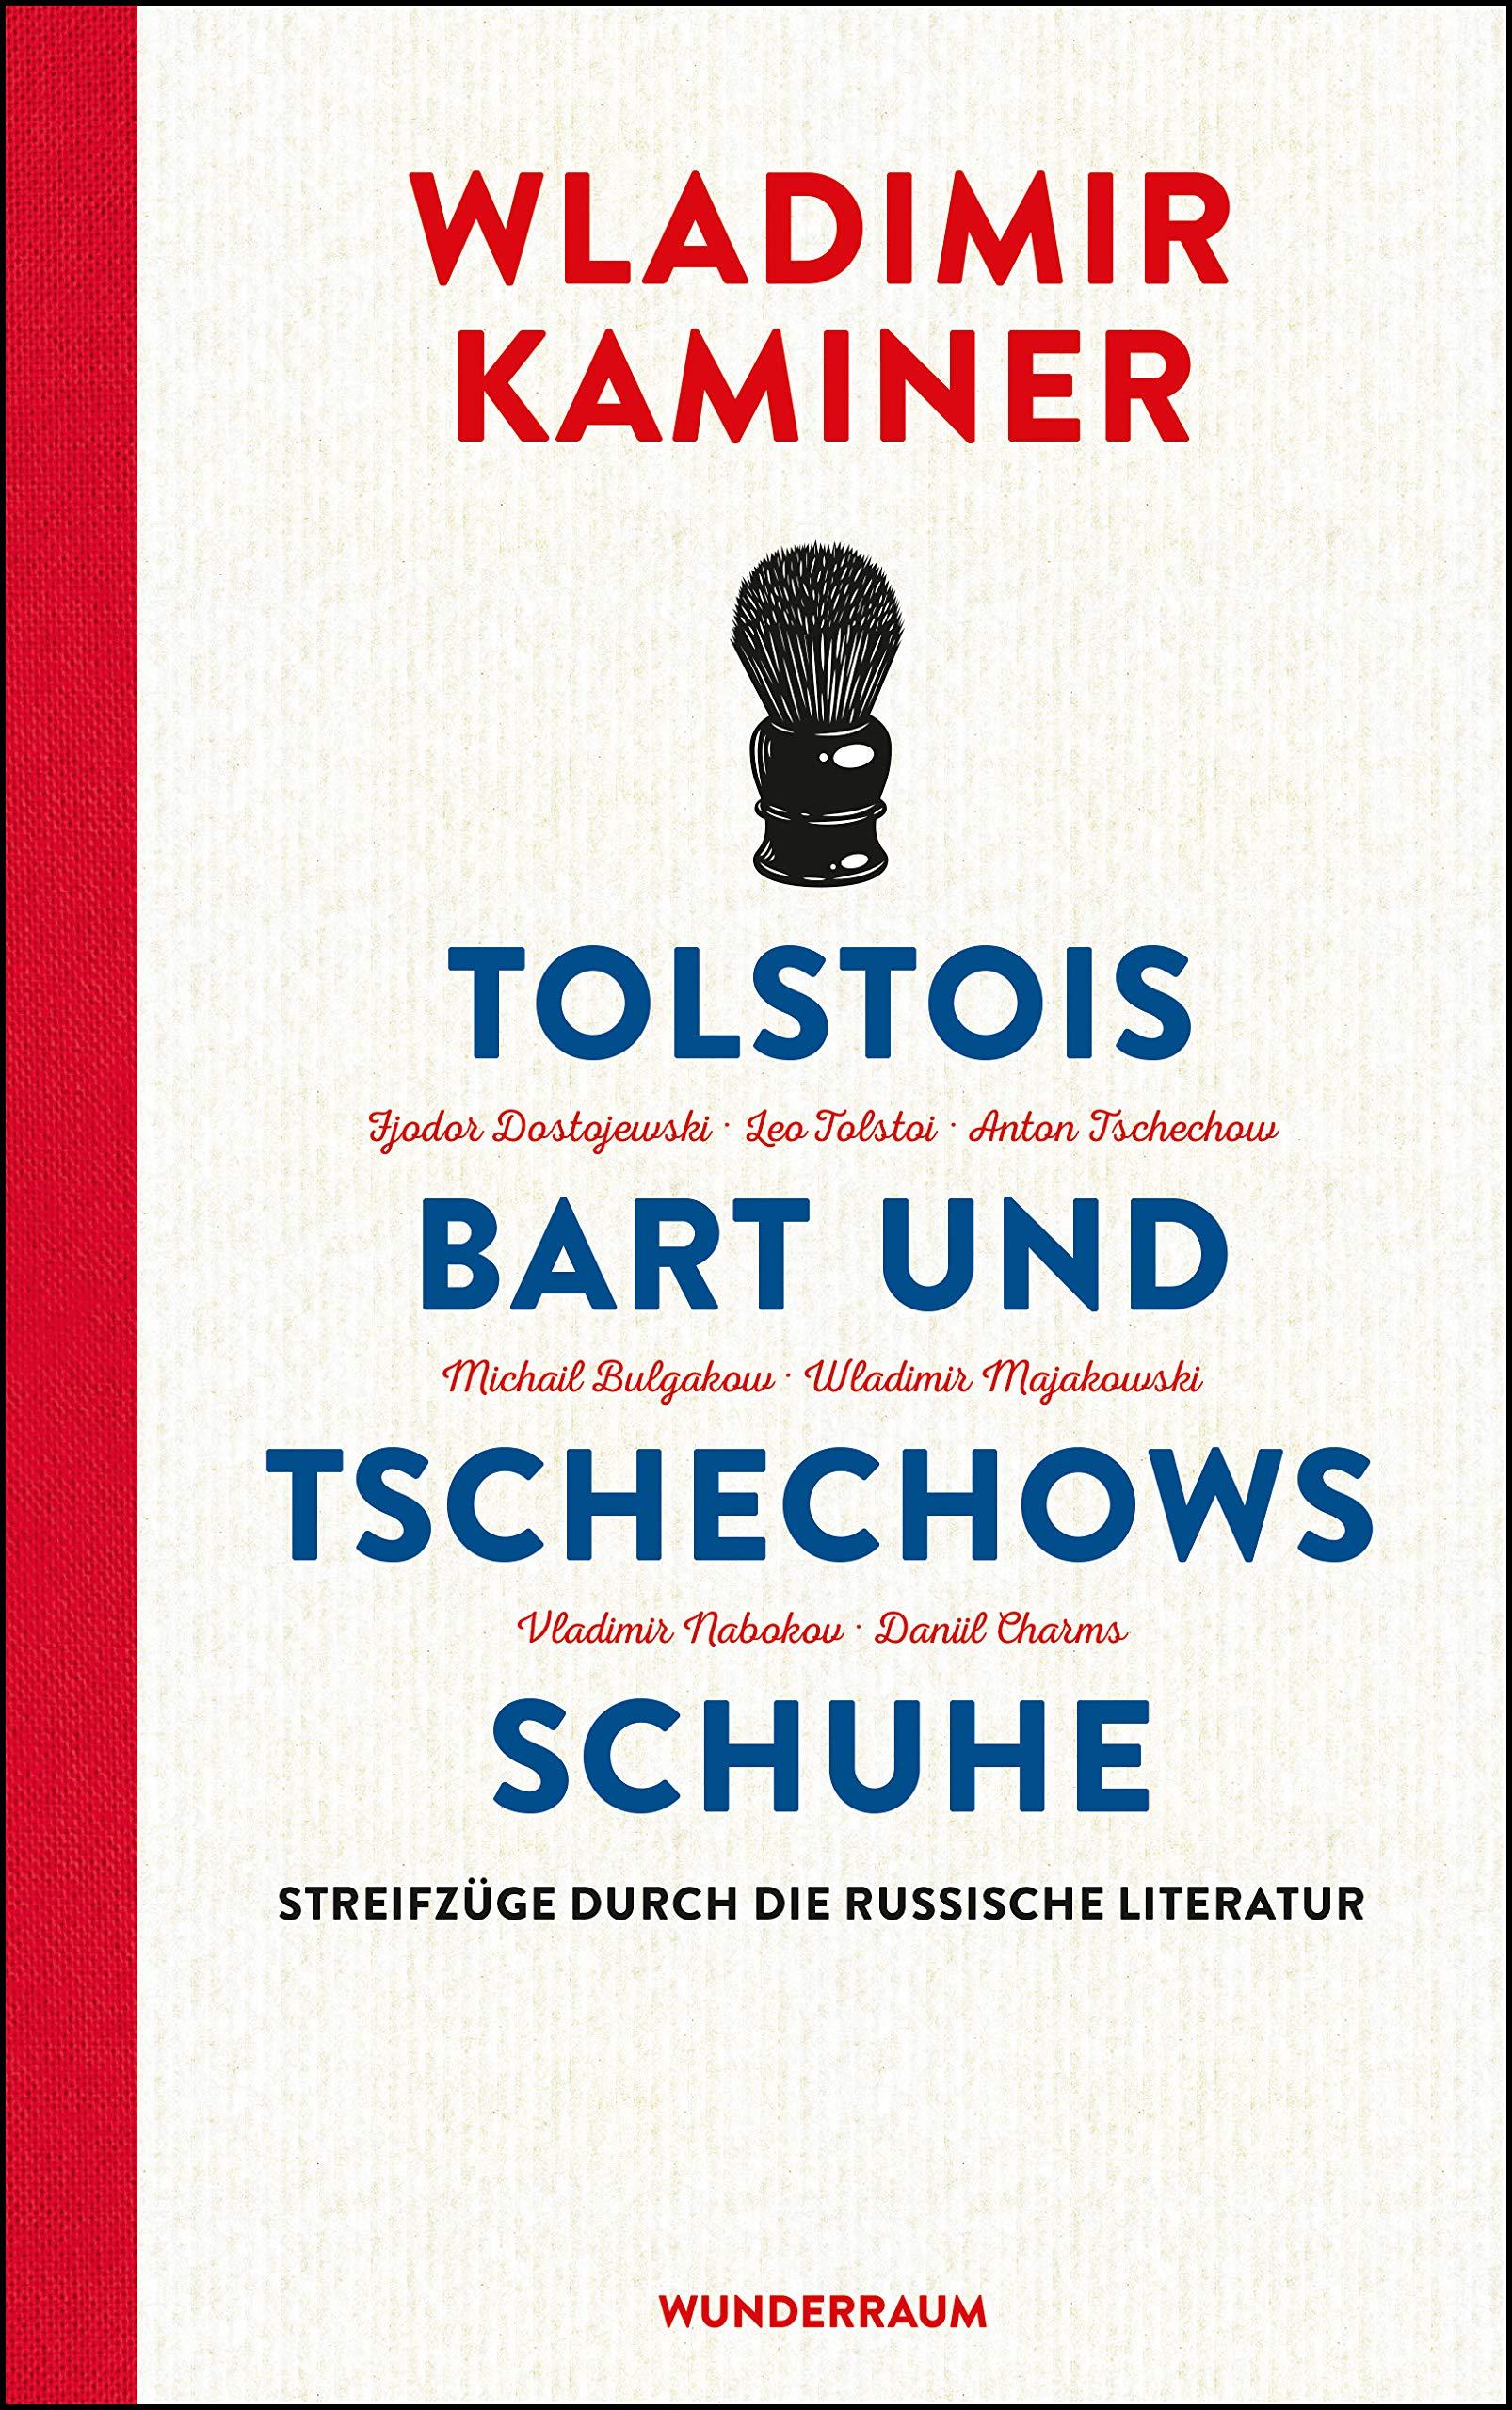 Tolstois Bart und Tschechows Schuhe: Streifzüge durch die russische  Literatur: Amazon.de: Kaminer, Wladimir: Bücher